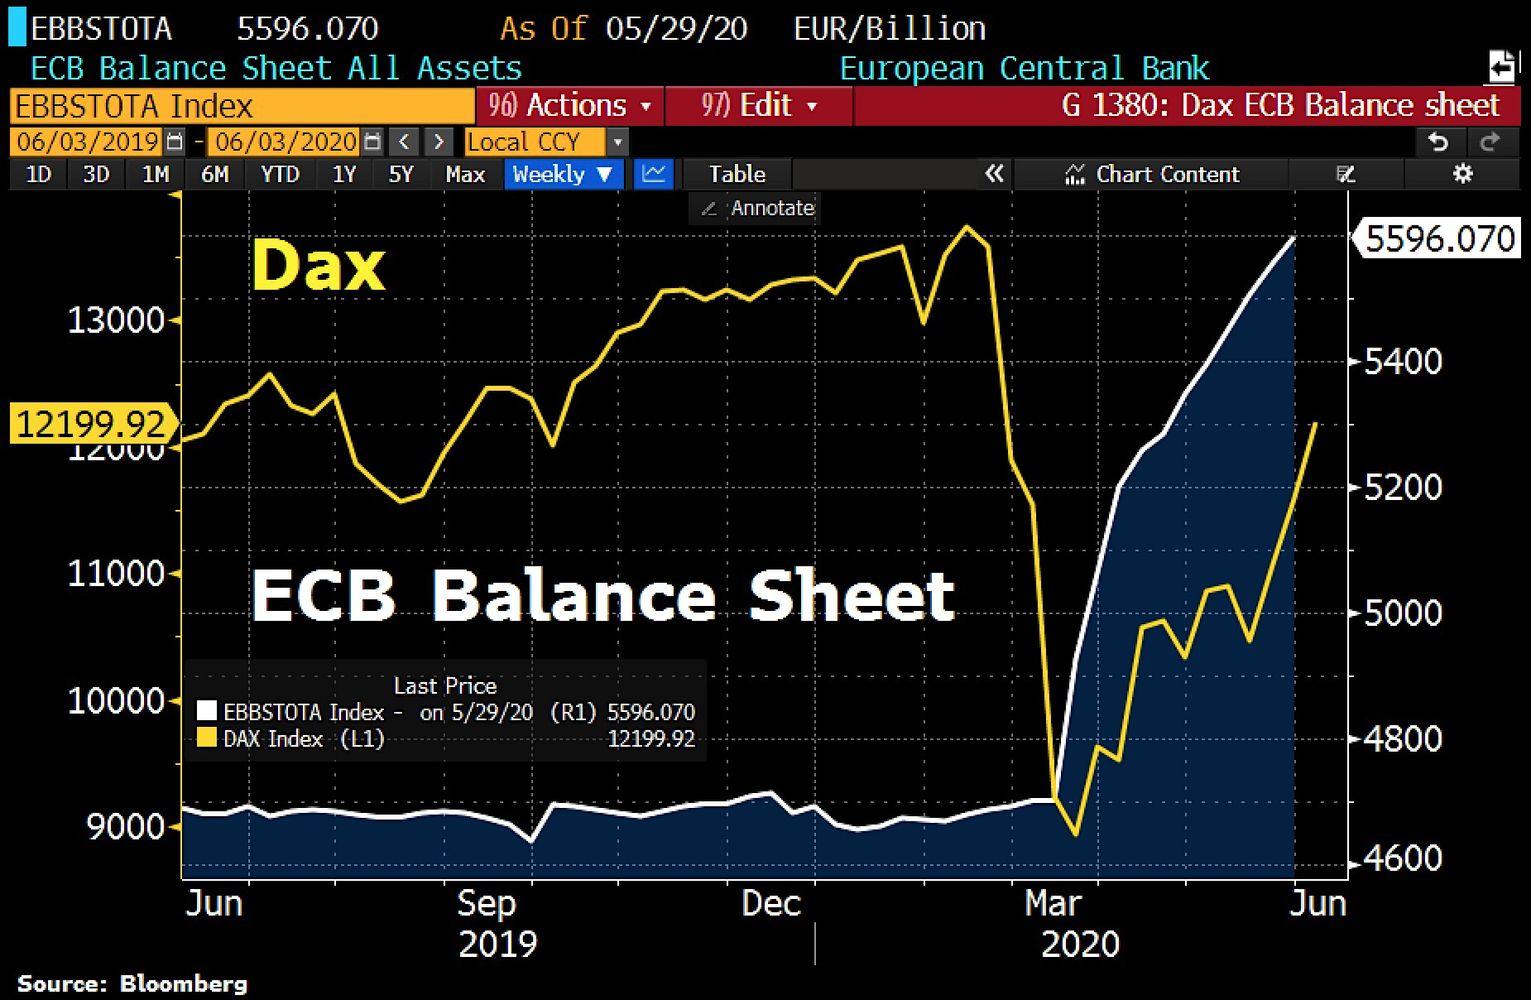 DAX vs ECB Balance Sheet